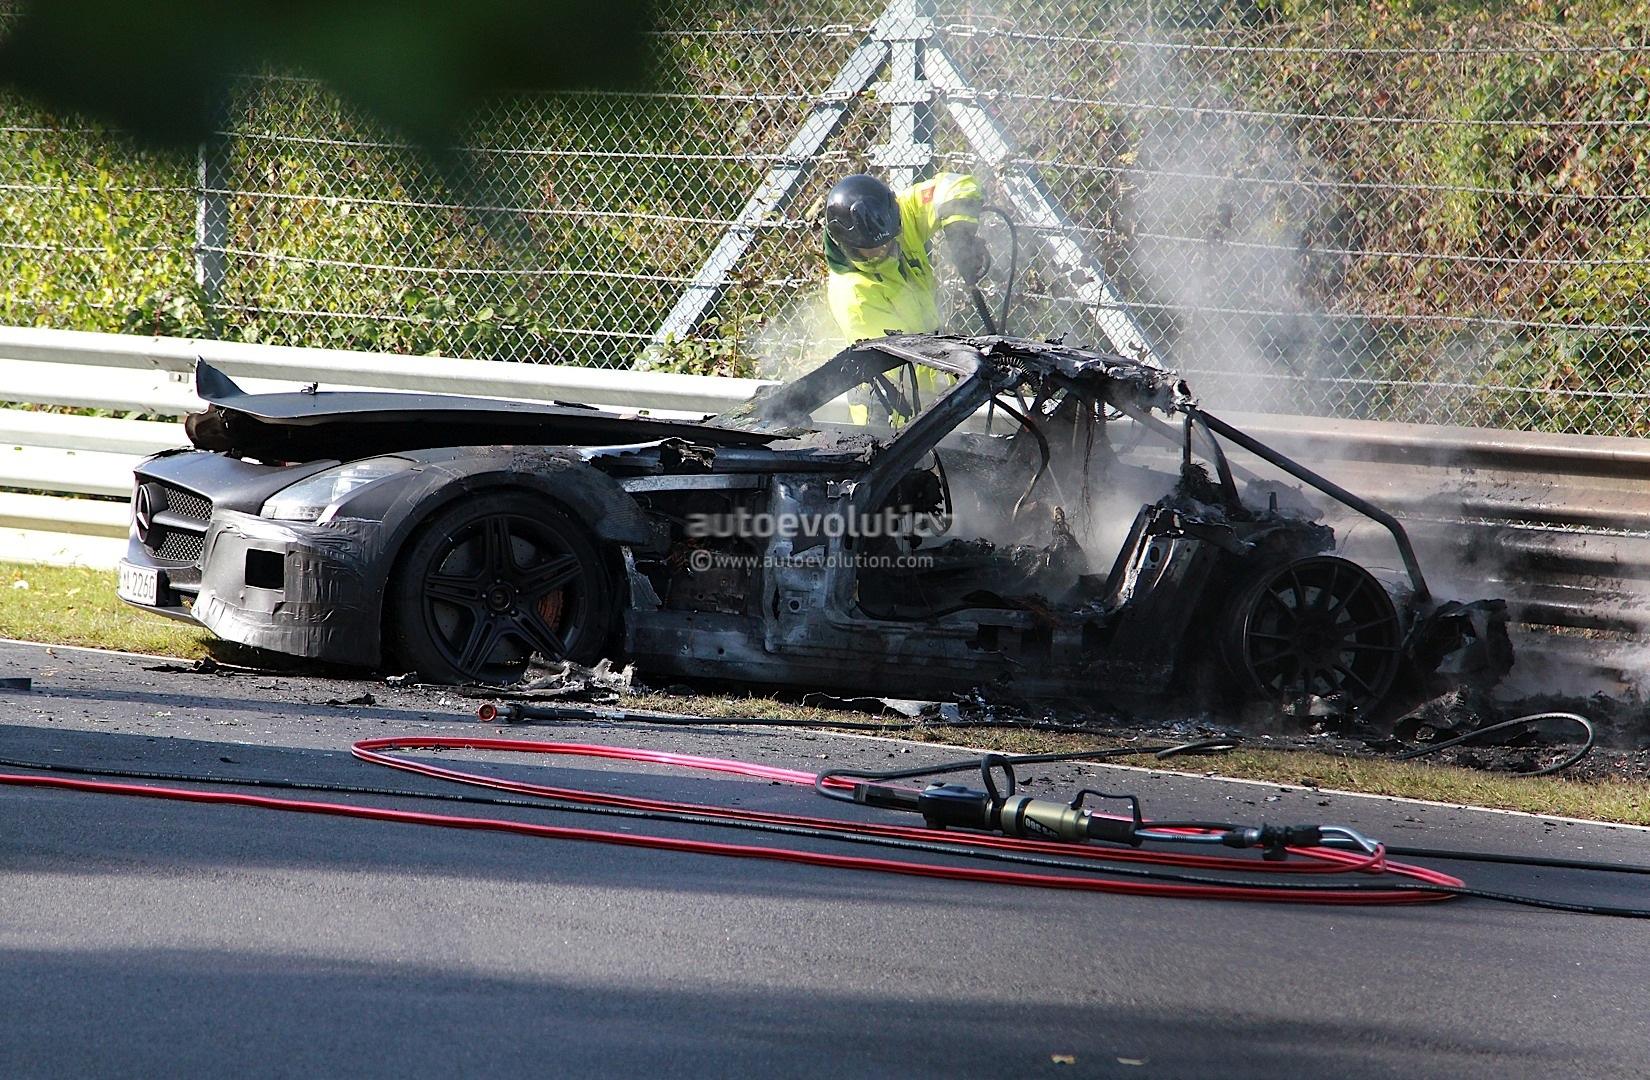 Mercedes Sls Black Series Prototype Burns On Nurburgring